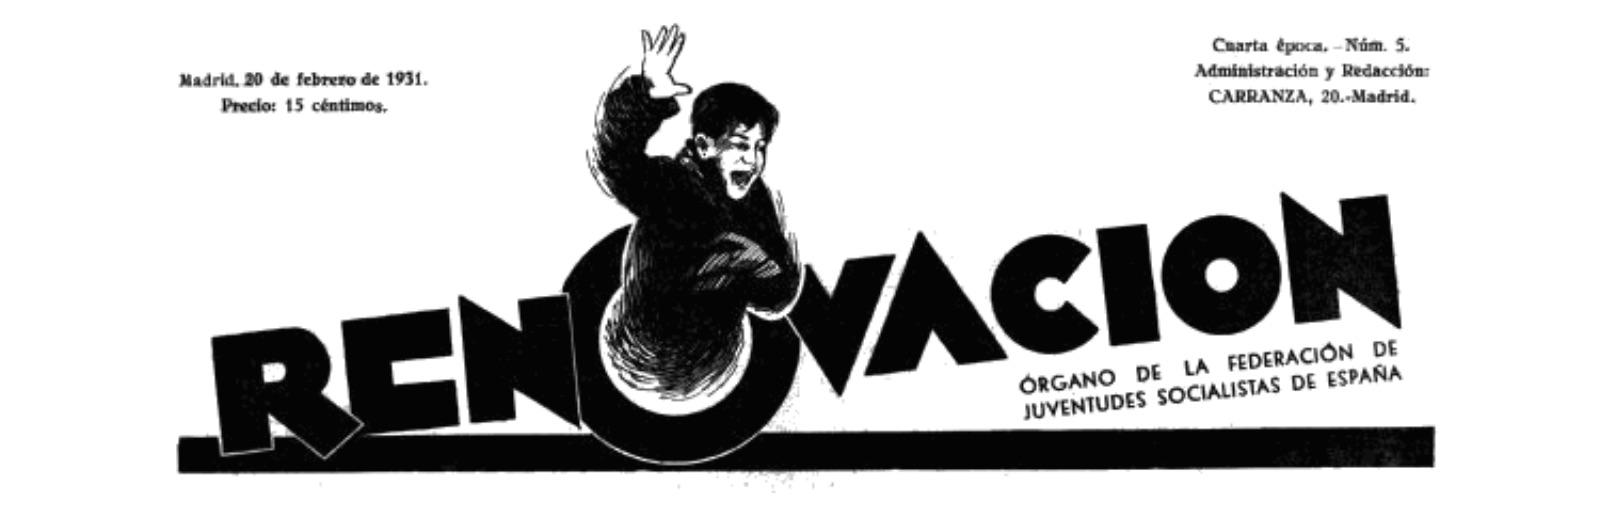 Semanario de la Federación de Juventudes Socialistas de España, donde García Atadell colaboraba